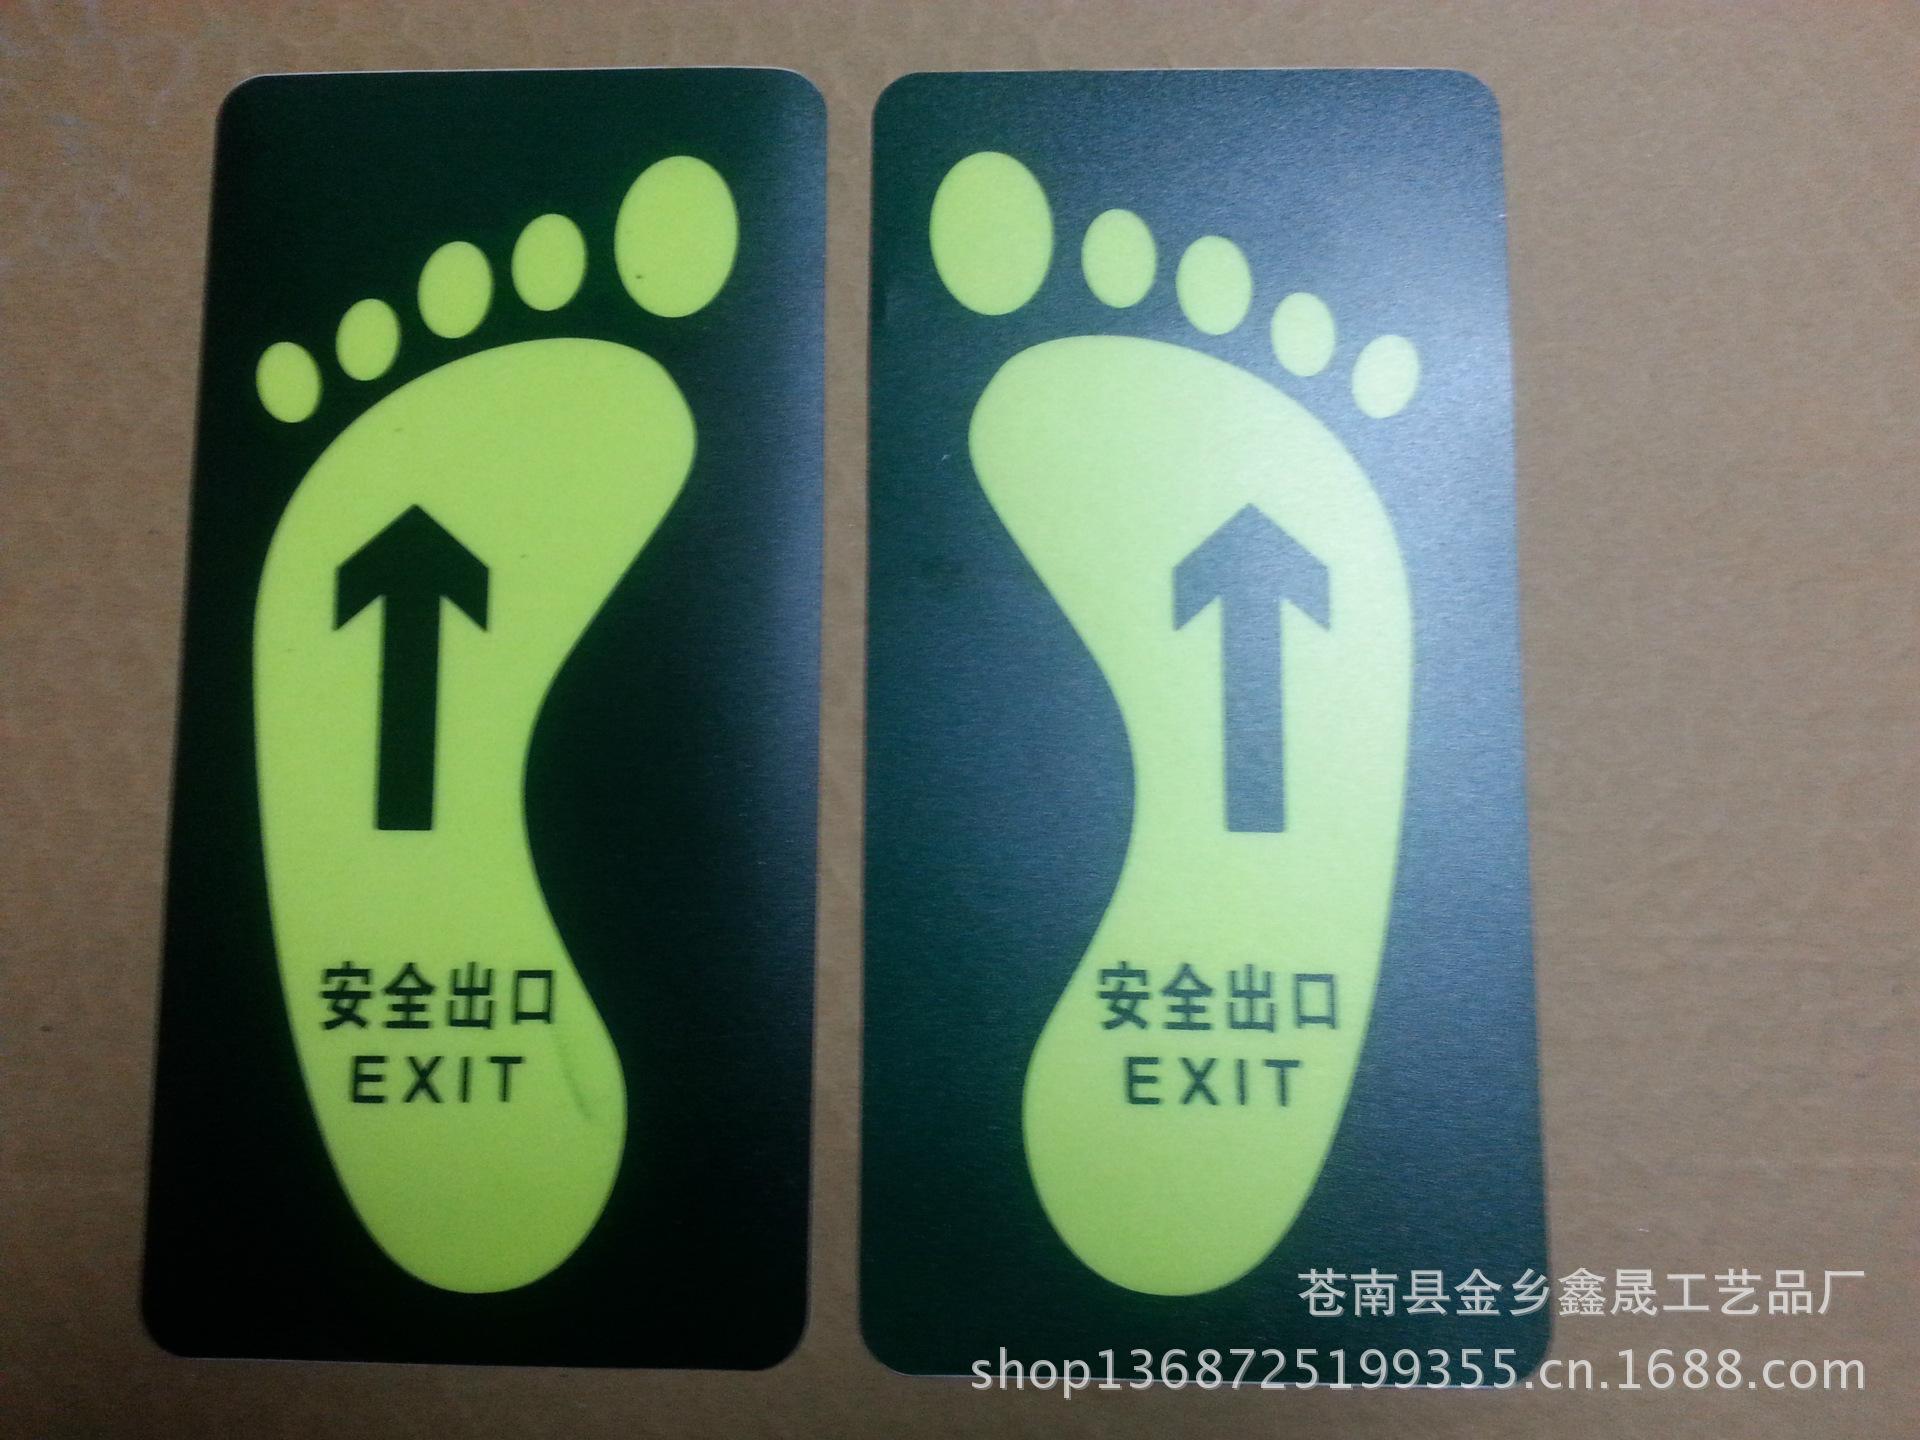 消防安全紧急出口楼梯 PVC丝印自发夜光疏散方向标识标志指示牌